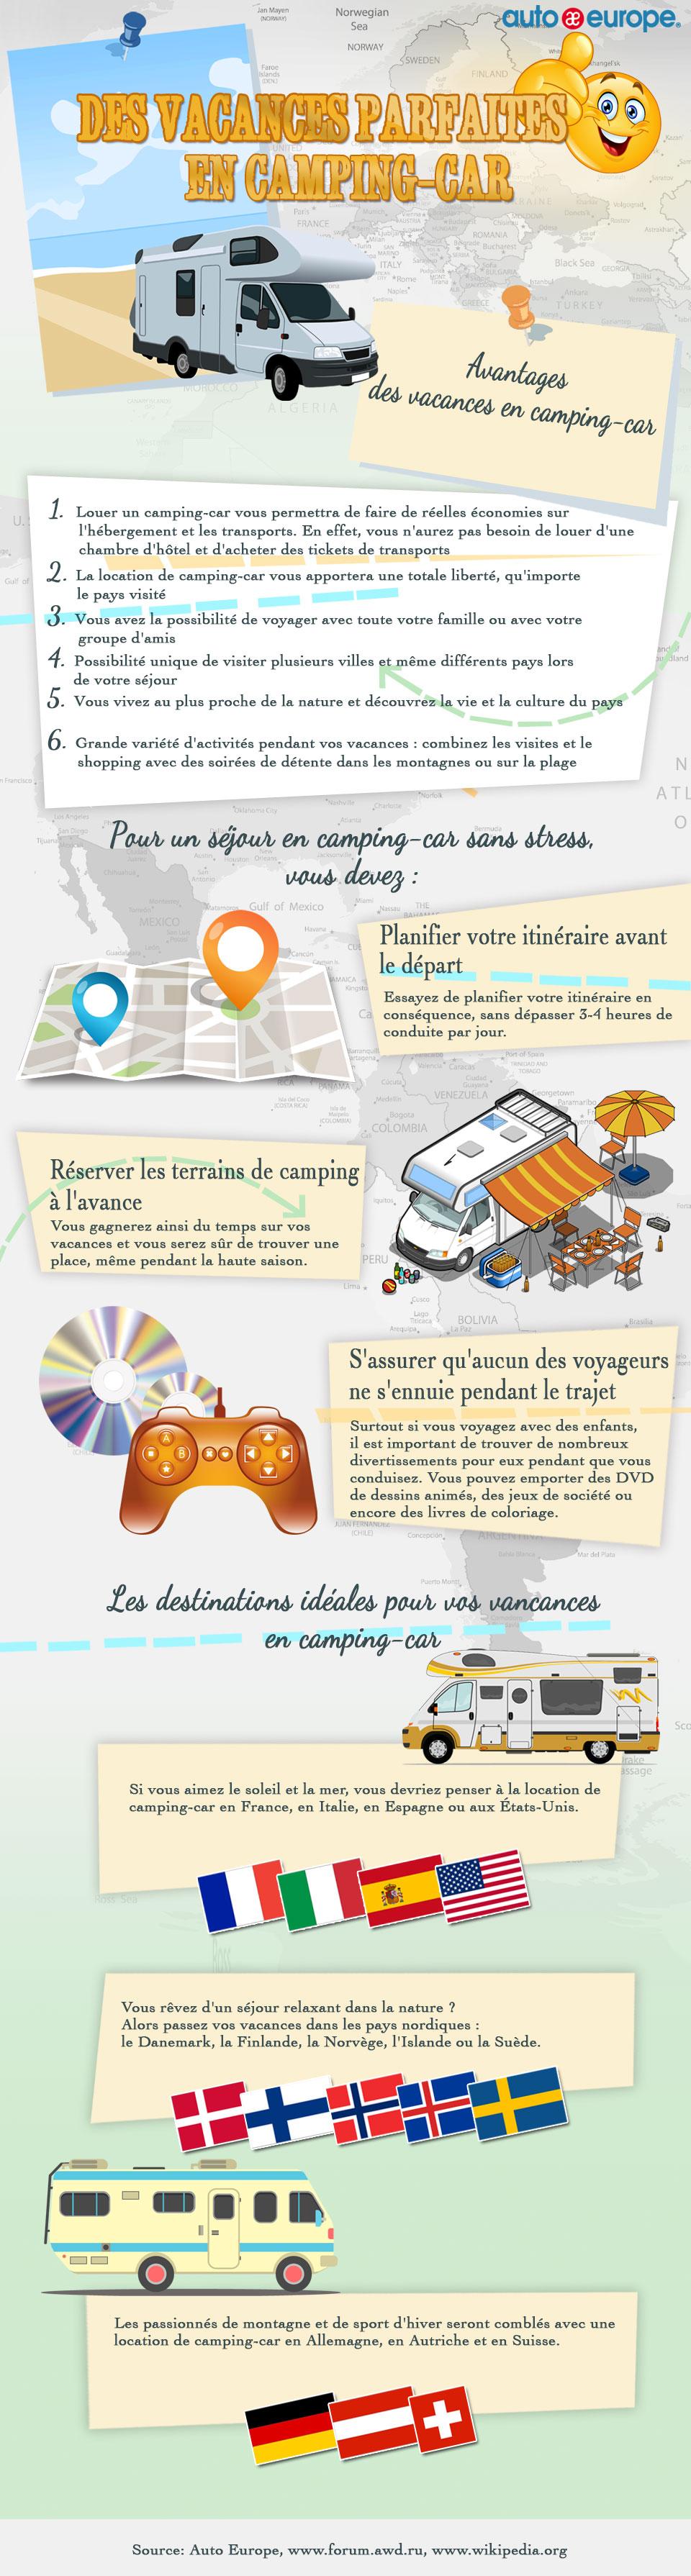 Infographie - Des vacances parfaites en camping-car